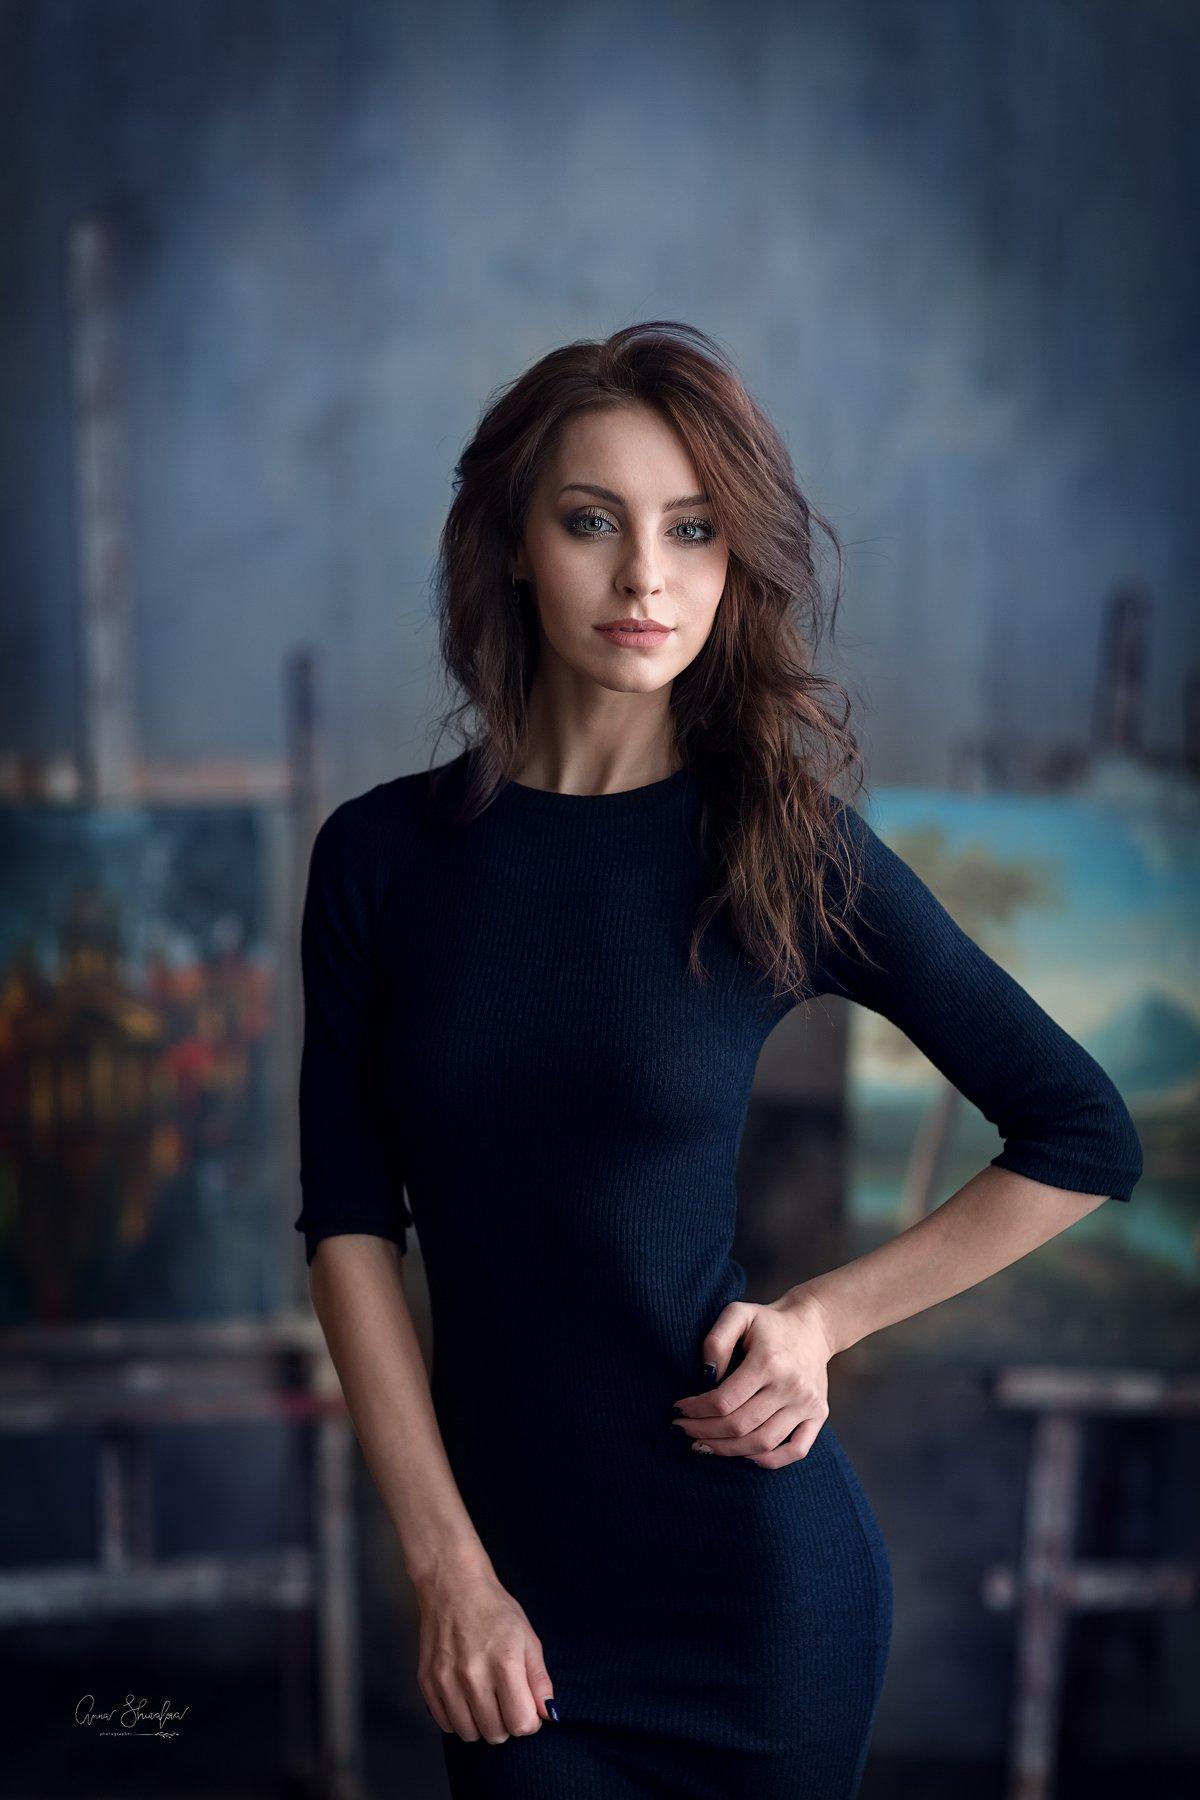 портрет красота девушка, Анна Шувалова